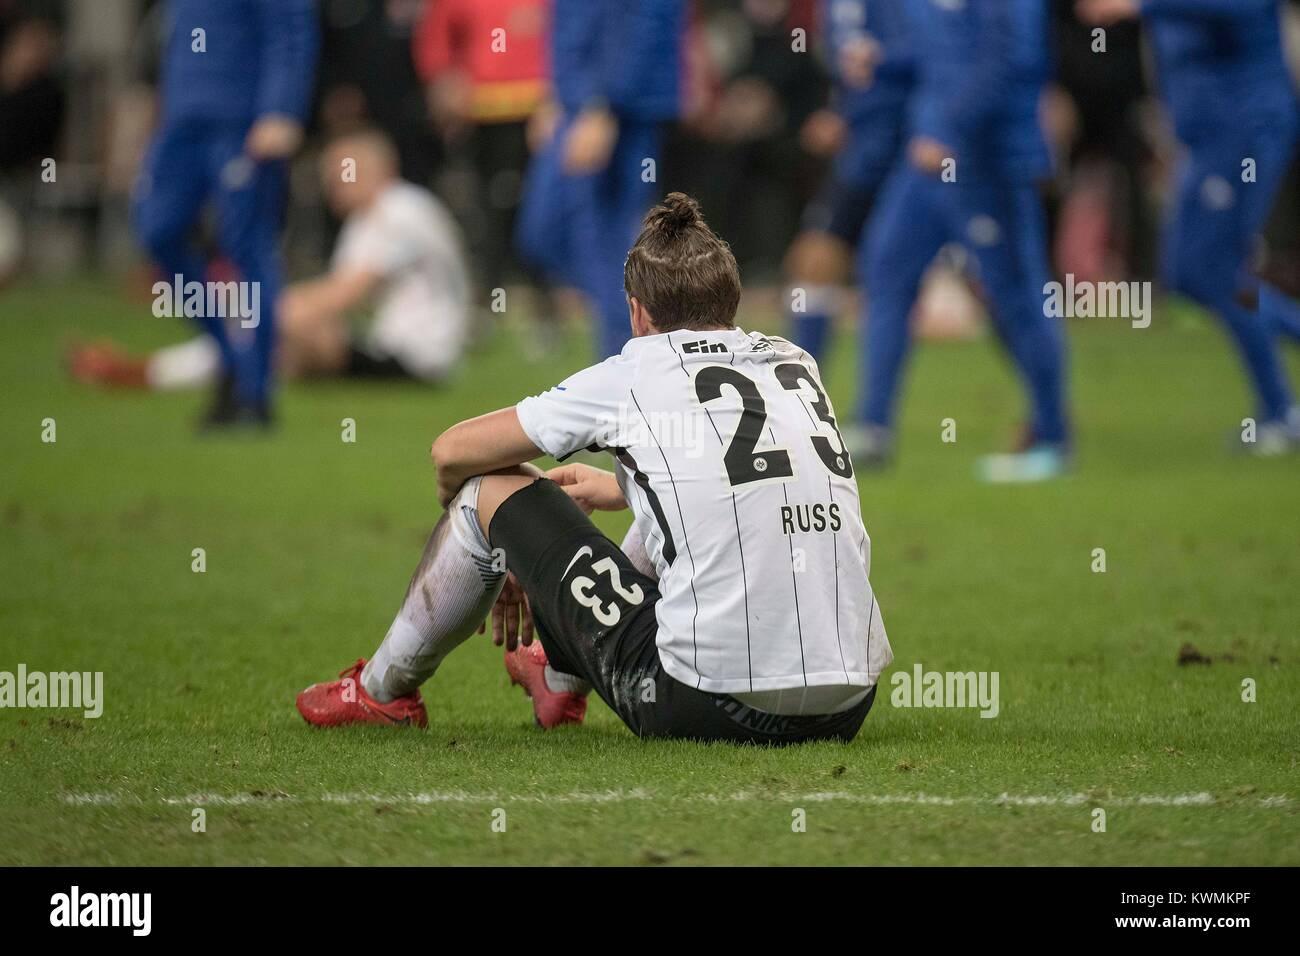 Marco RUSS (F) sitzt after Spielschluss disappointed auf dem pitch; Fussball 1. Bundesliga, Saison 2017/2018, 17. - Stock Image